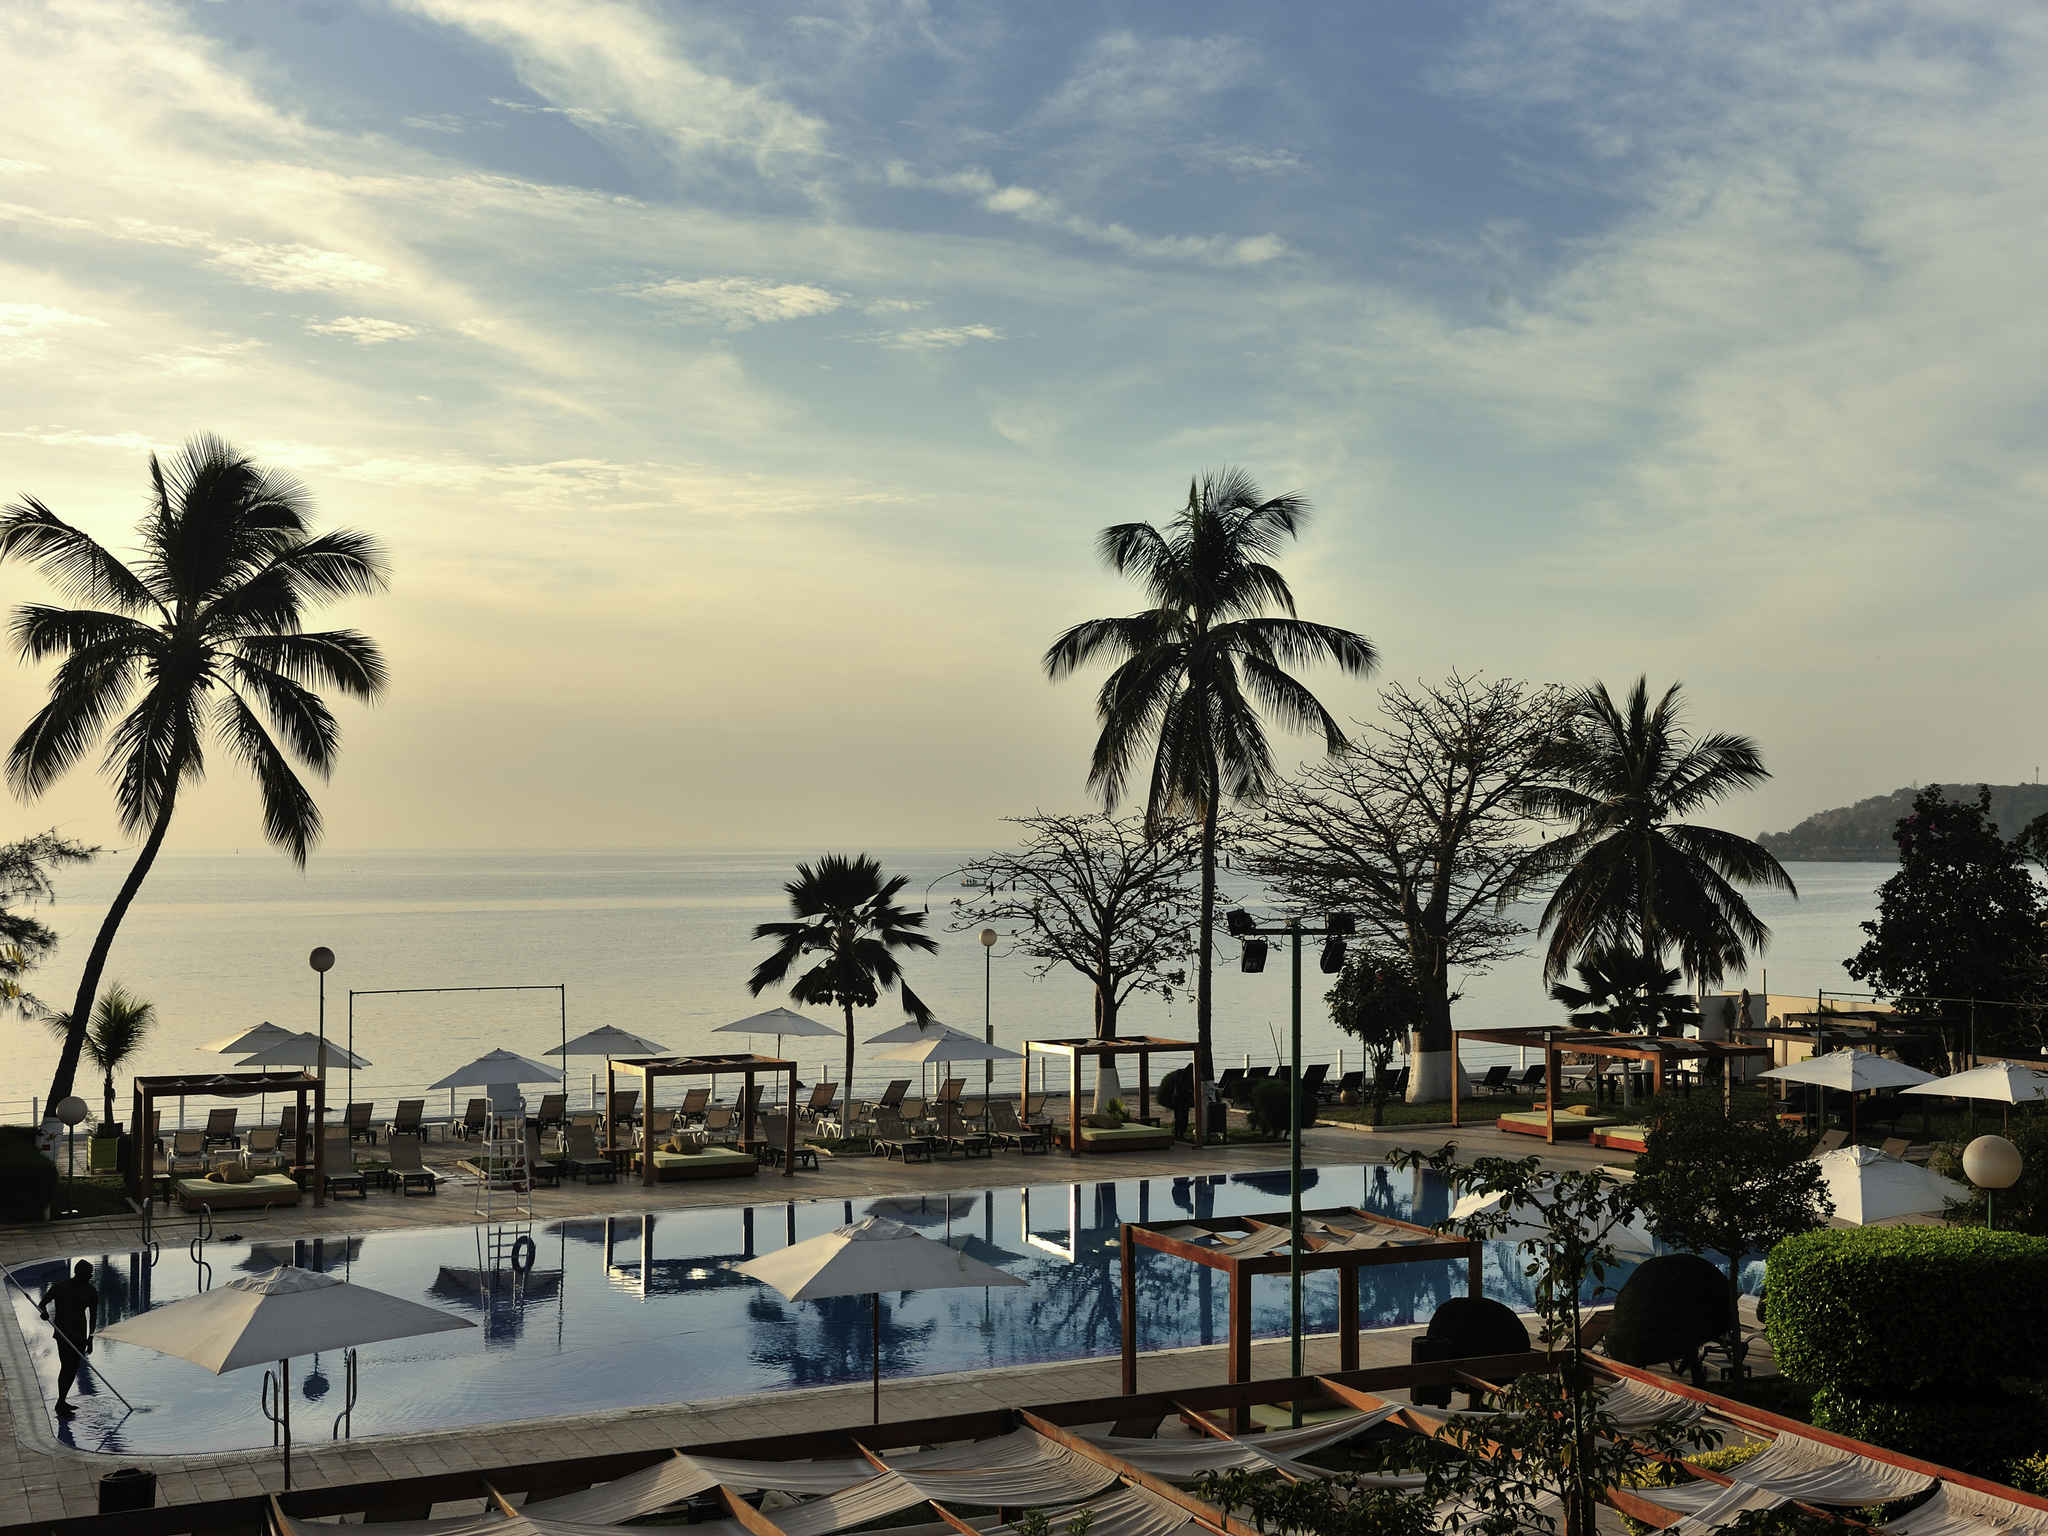 Pullman Dakar Teranga elu meilleur hotel de Dakar à l'african travel awards - visiter l'afrique